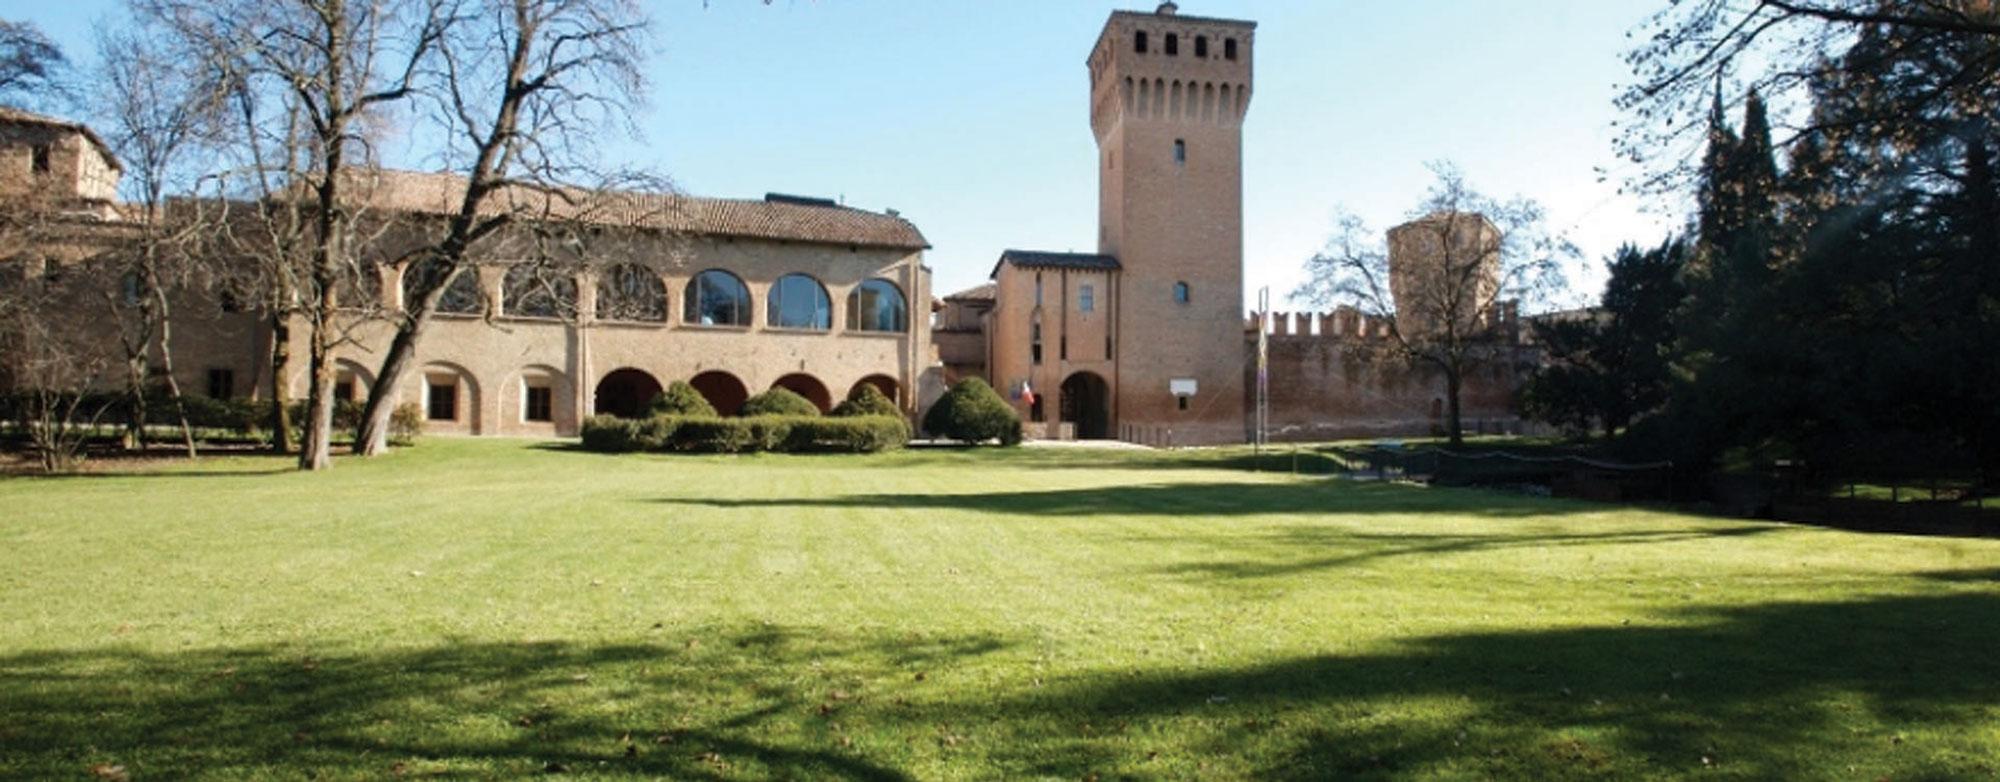 Castello-di-Formigine